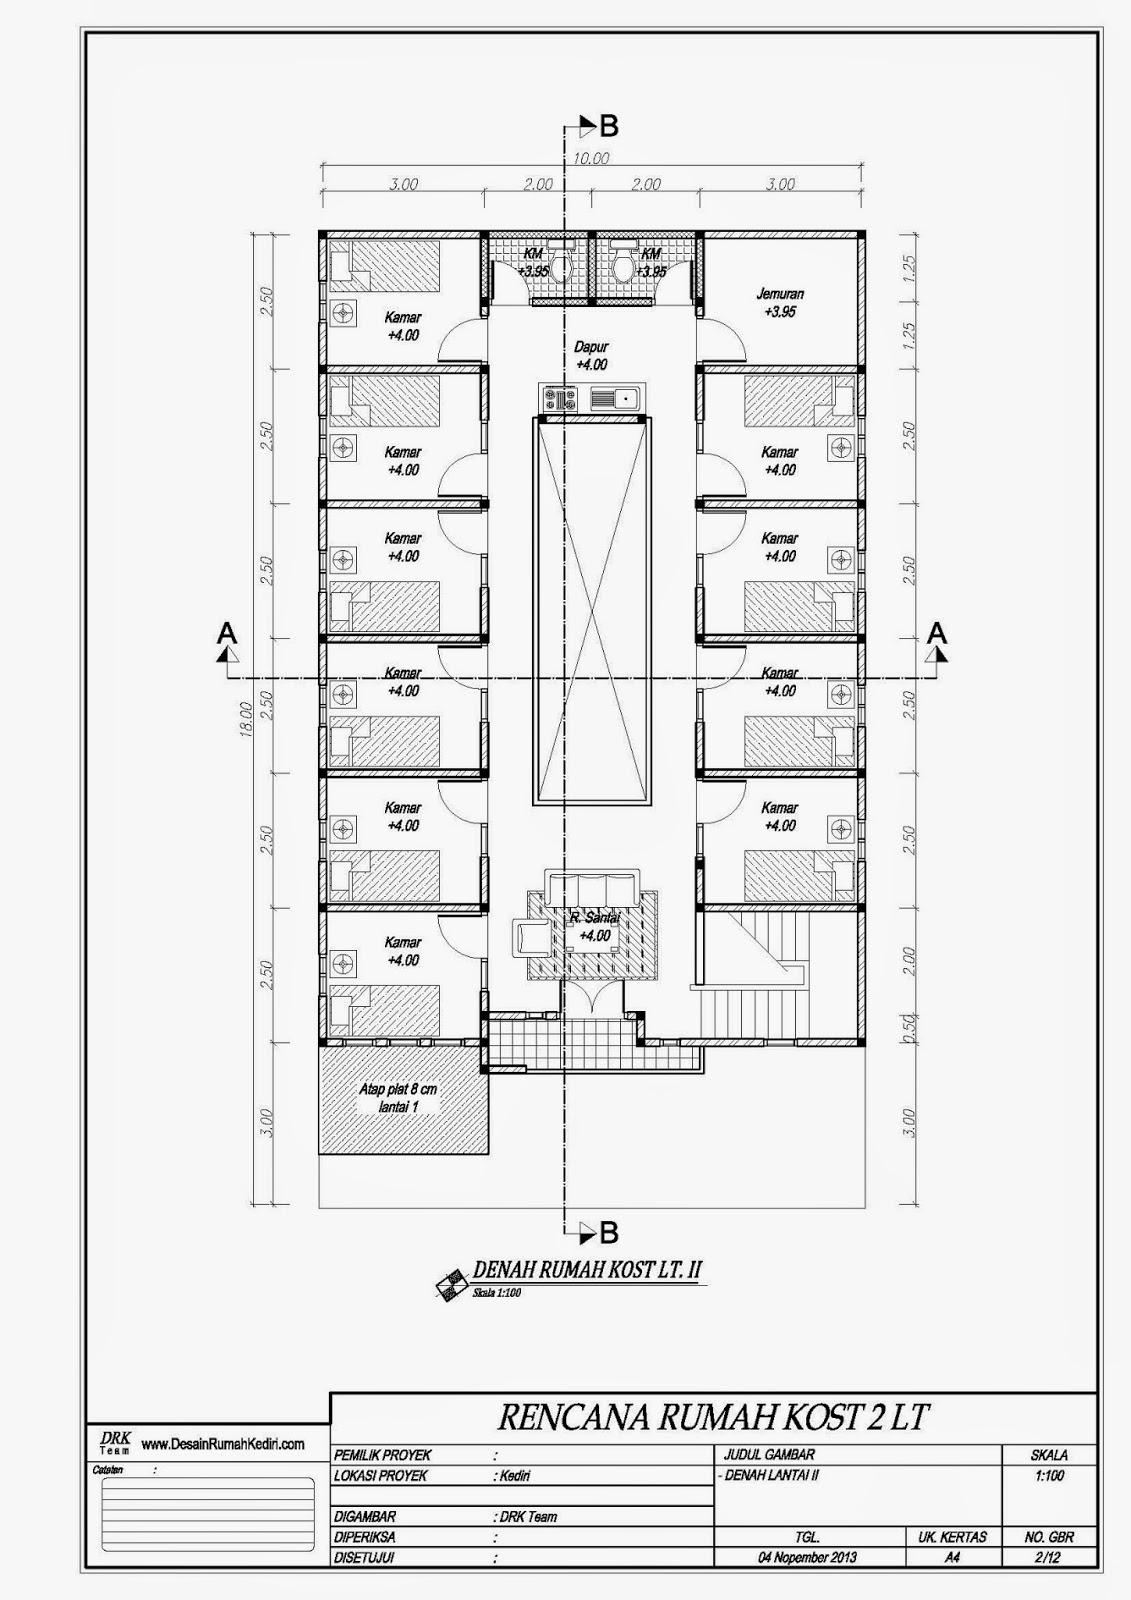 100 Gambar Rumah Kost Minimalis 2 Lantai Gambar Desain Rumah Minimalis